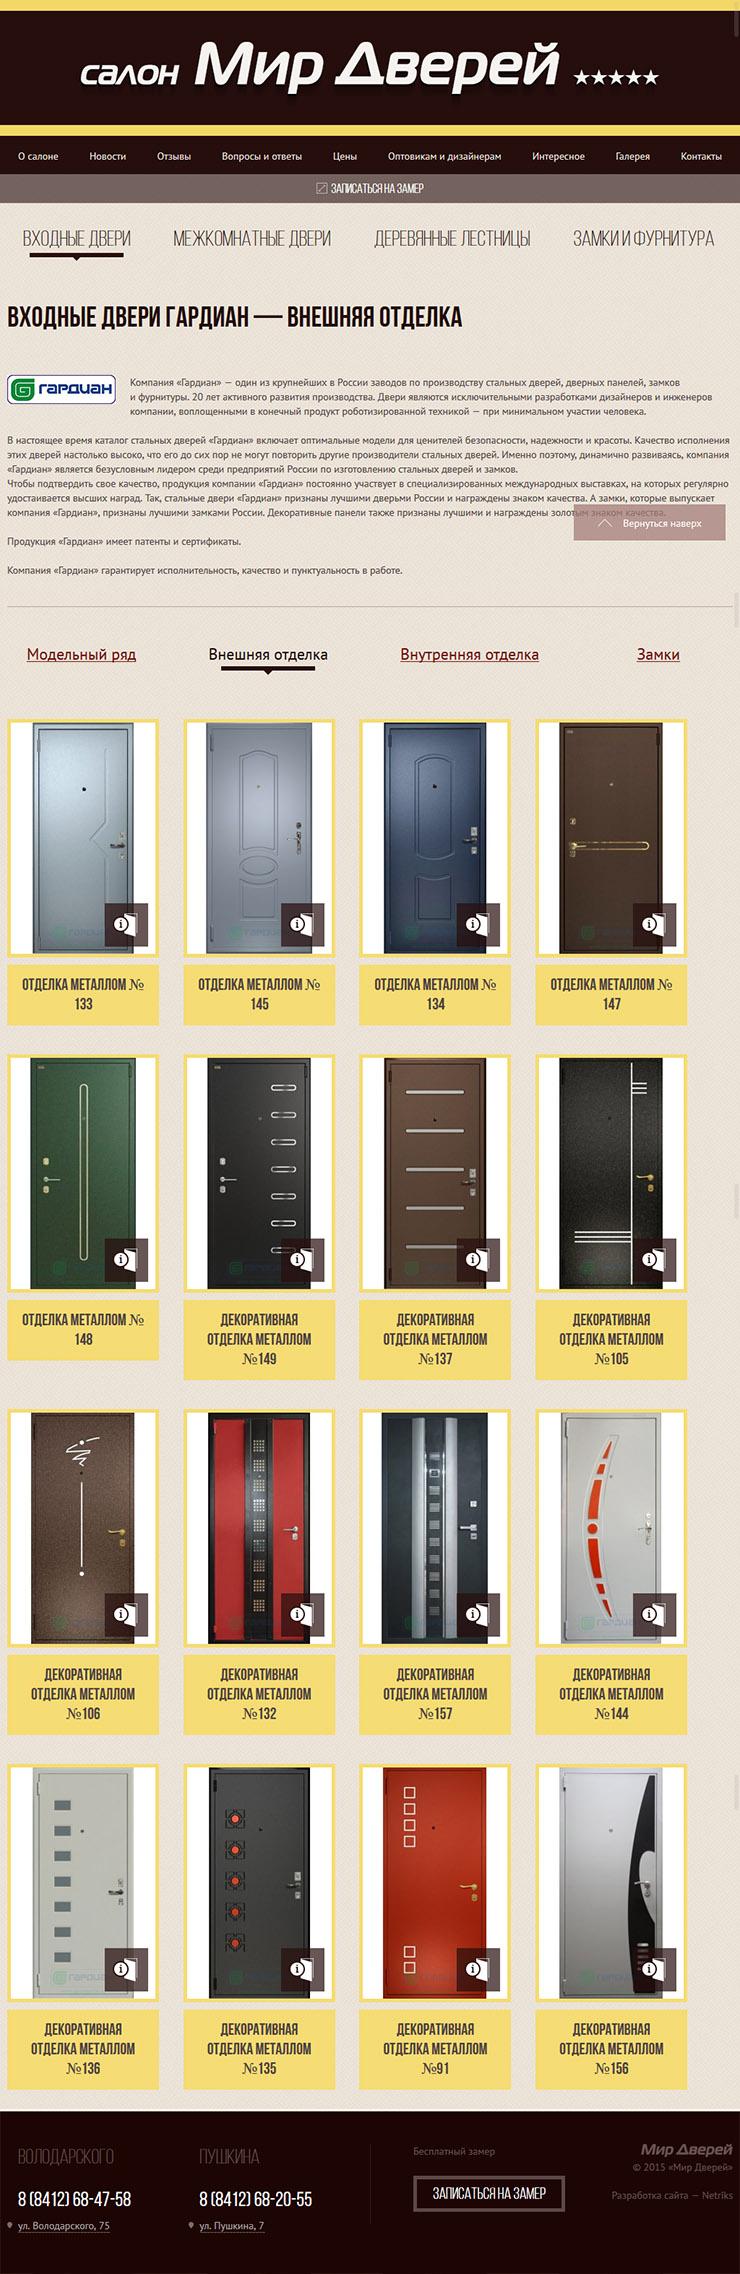 Страница вариантов отделки входных дверей